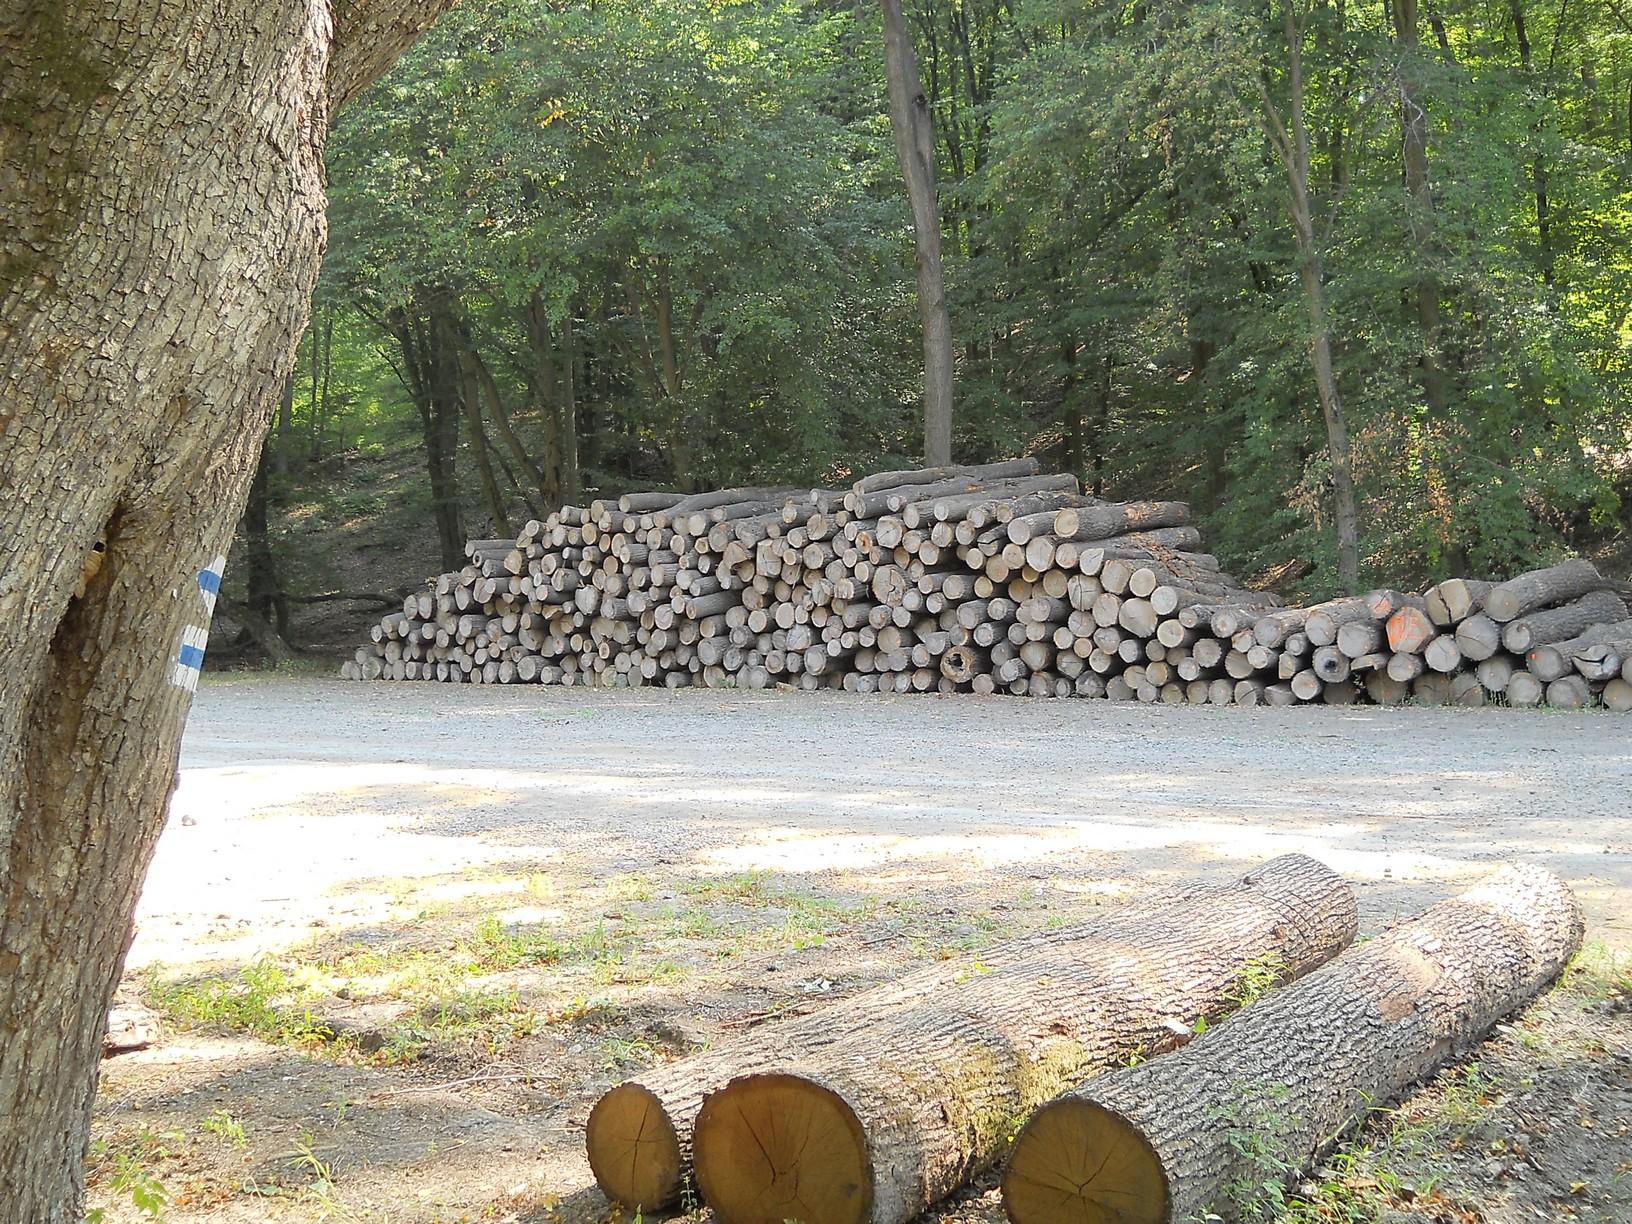 Erdészeti rakodó Magyarkút határában, innen könnyen járható erdészeti út vezet Szokolyára